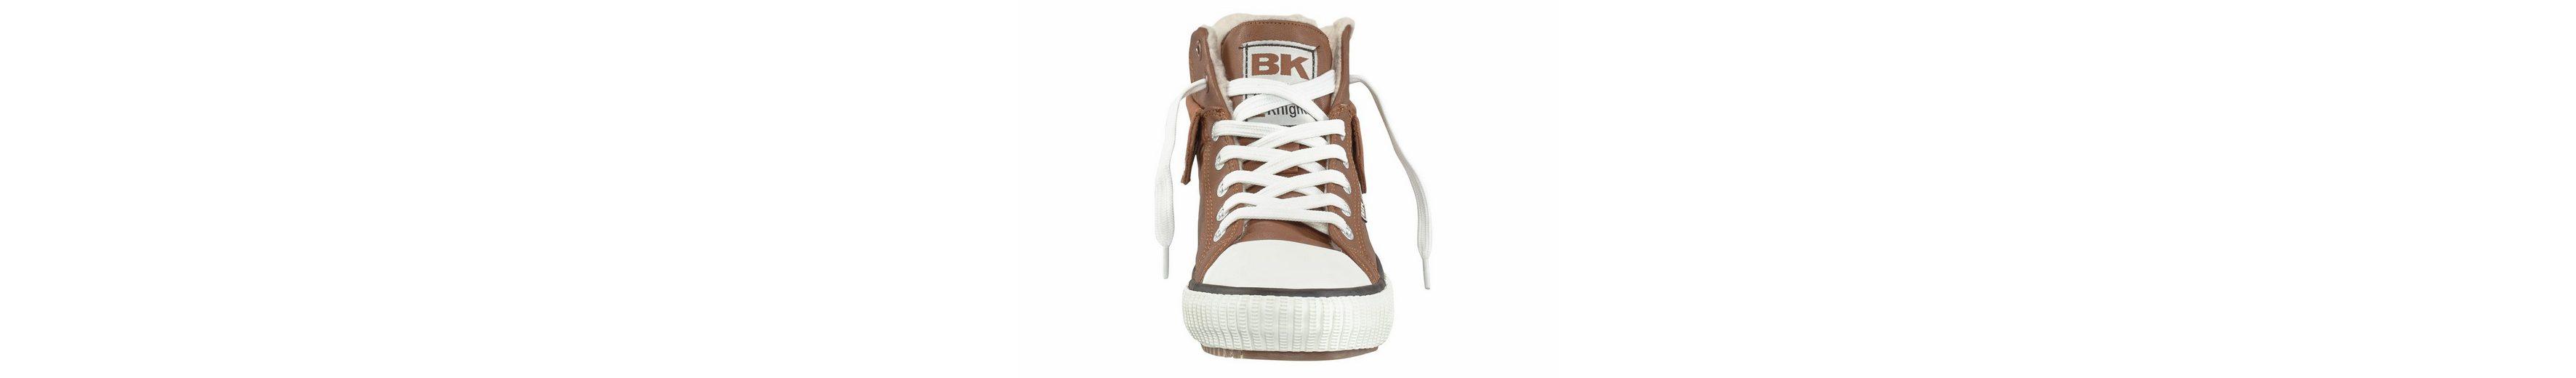 Rabatt Authentische Online Verkauf Limitierter Auflage British Knights Roco M Sneaker Steckdose Countdown-Paket Spielraum Neueste kIBe5o3